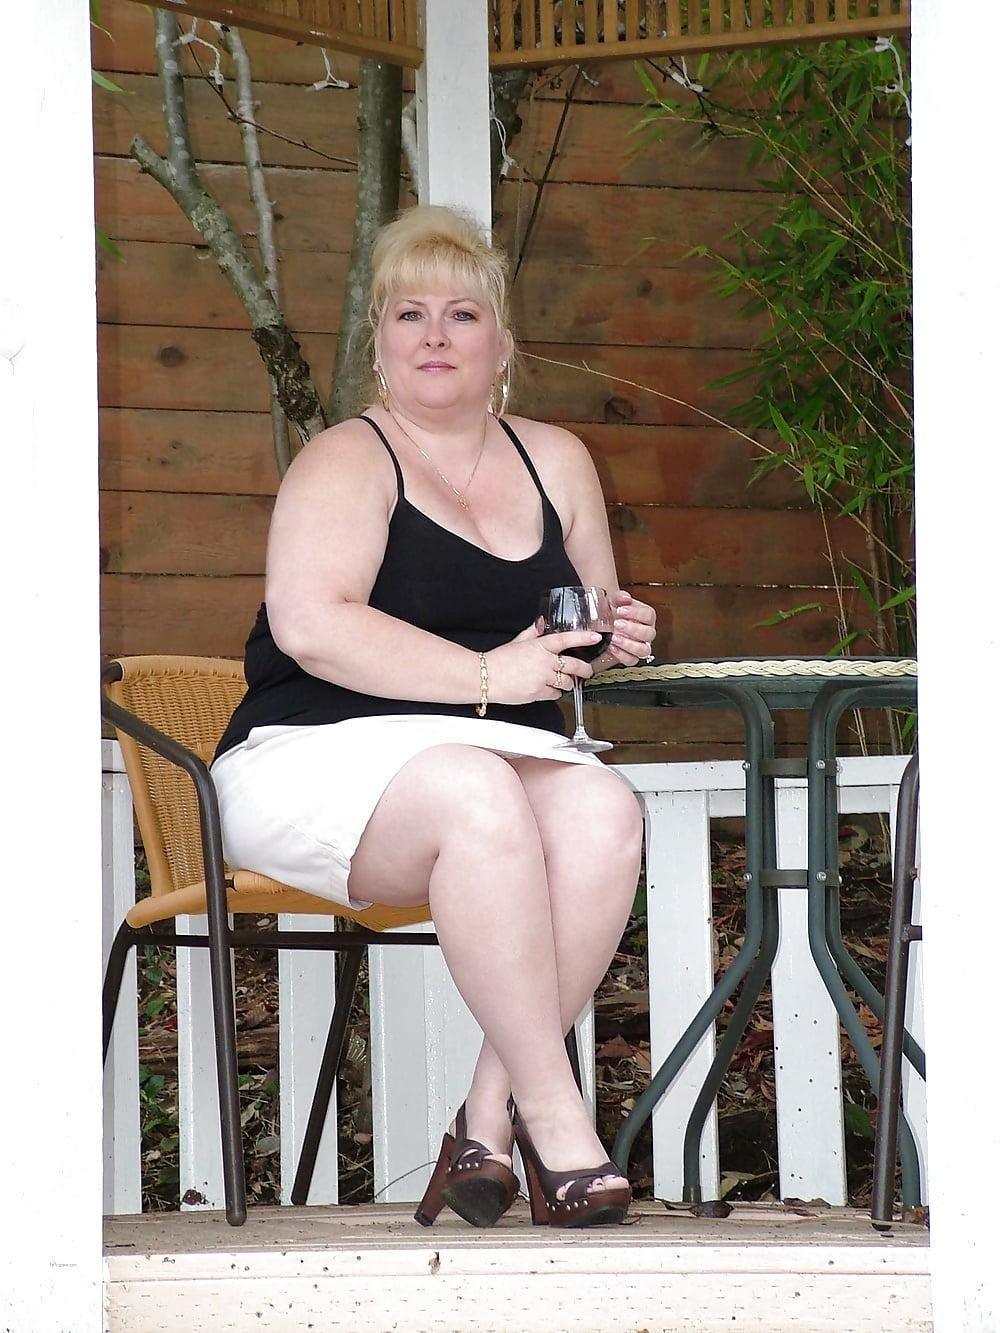 меня толстые зрелые шлюхи онлайн история там